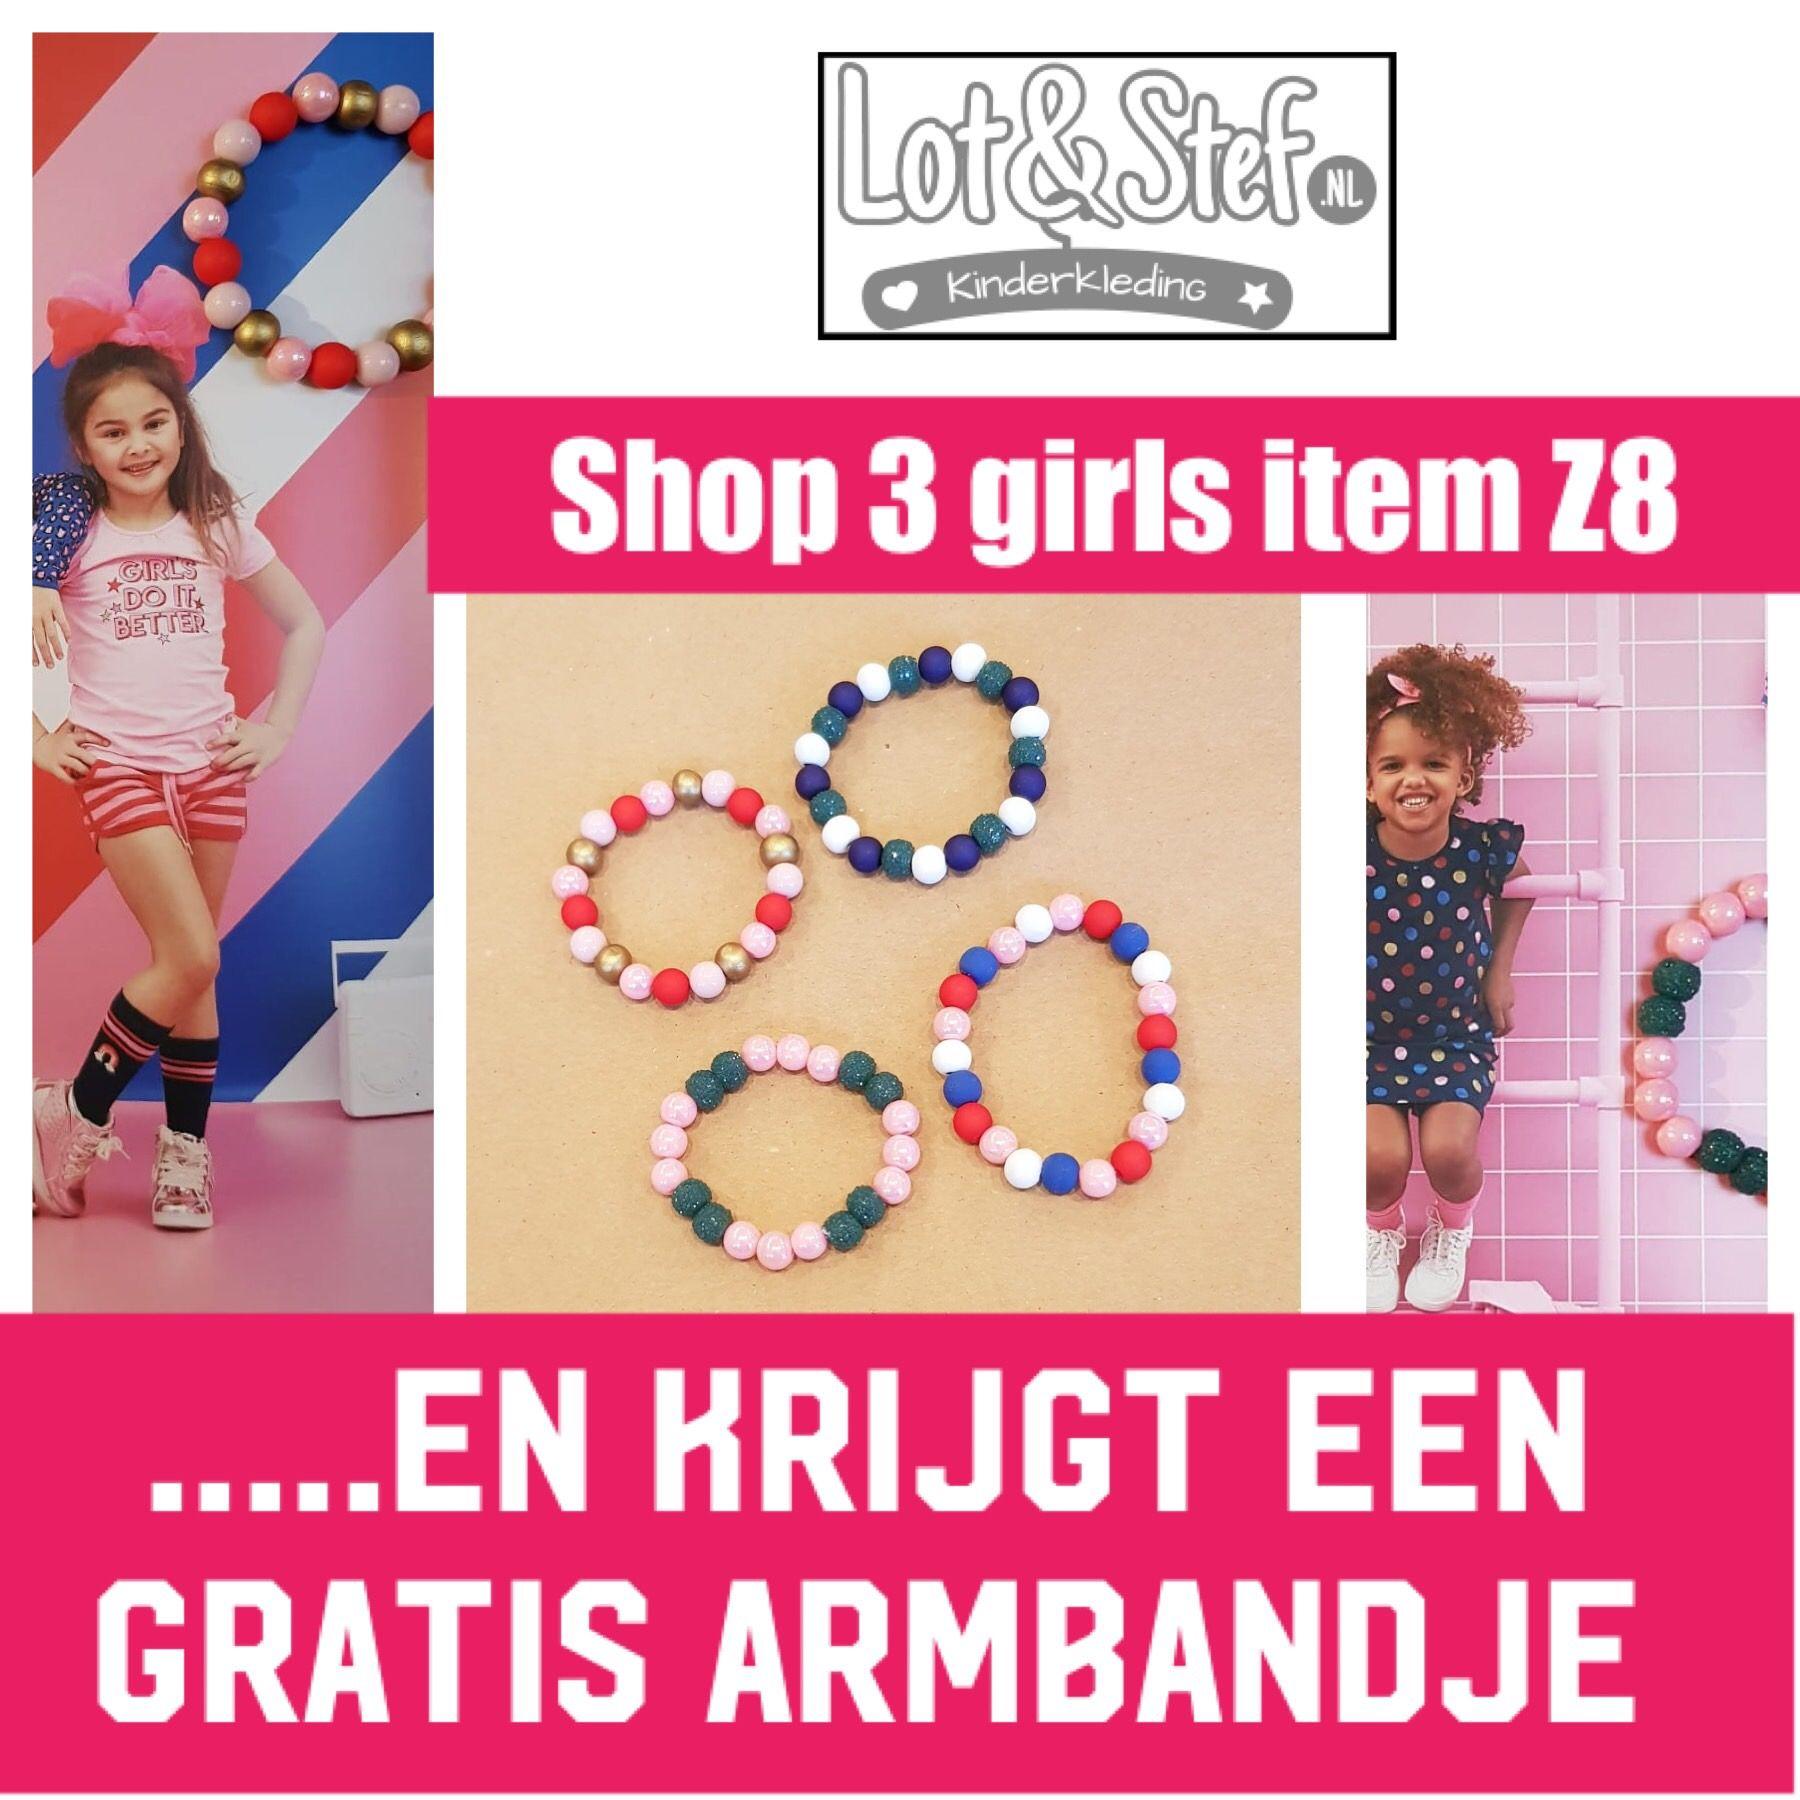 Kinderkleding Winkel Te Koop.Z8 Kinderkleding Koop Je Online Of In De Winkel Bij Lotenstef Nl Nu